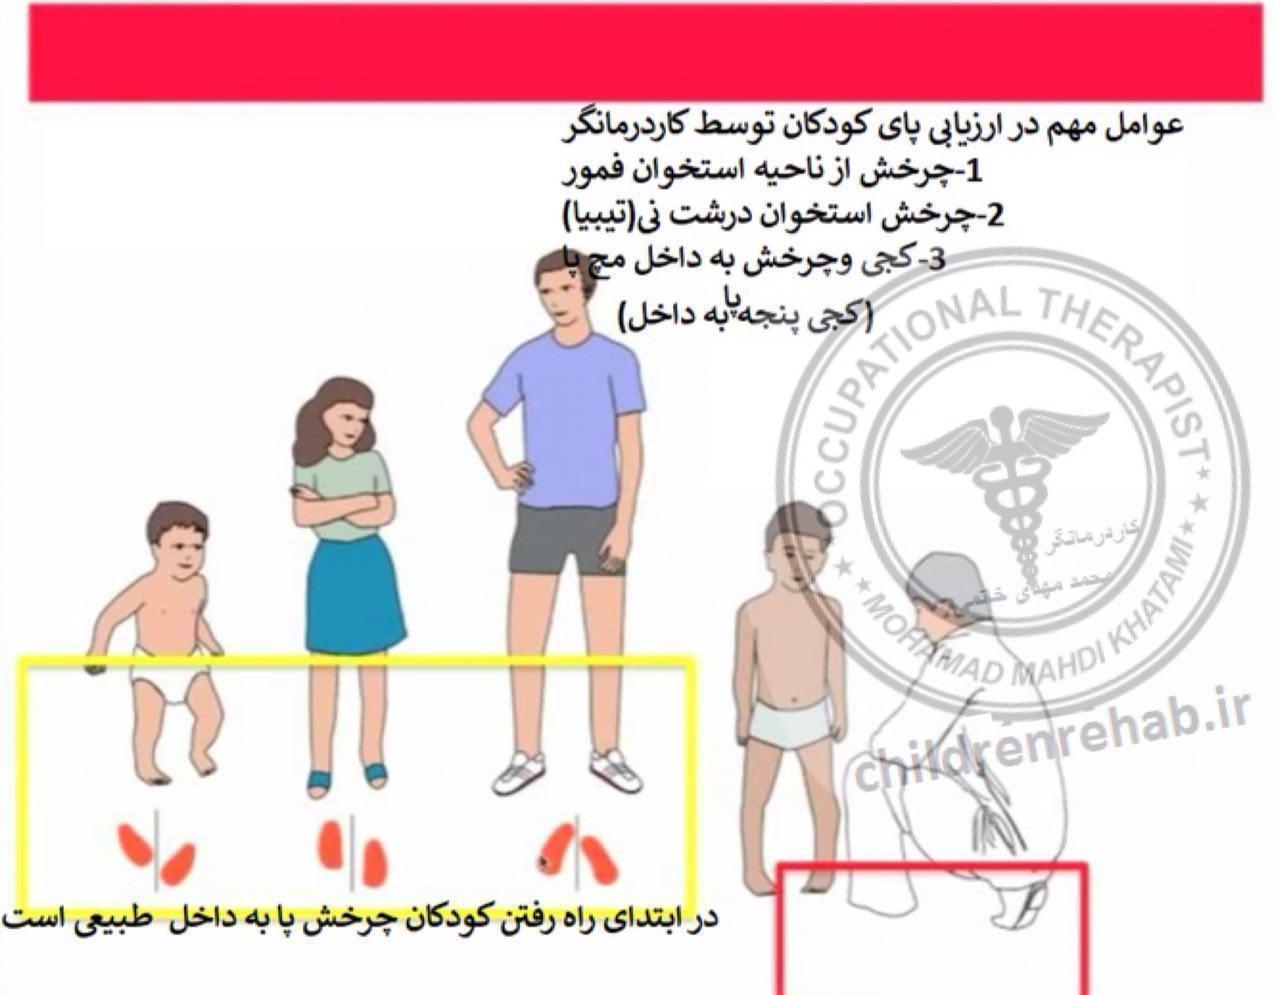 کاردرمانی در کودکان فلج مغزی برای راه رفتن(کاردرمانی جسمی)